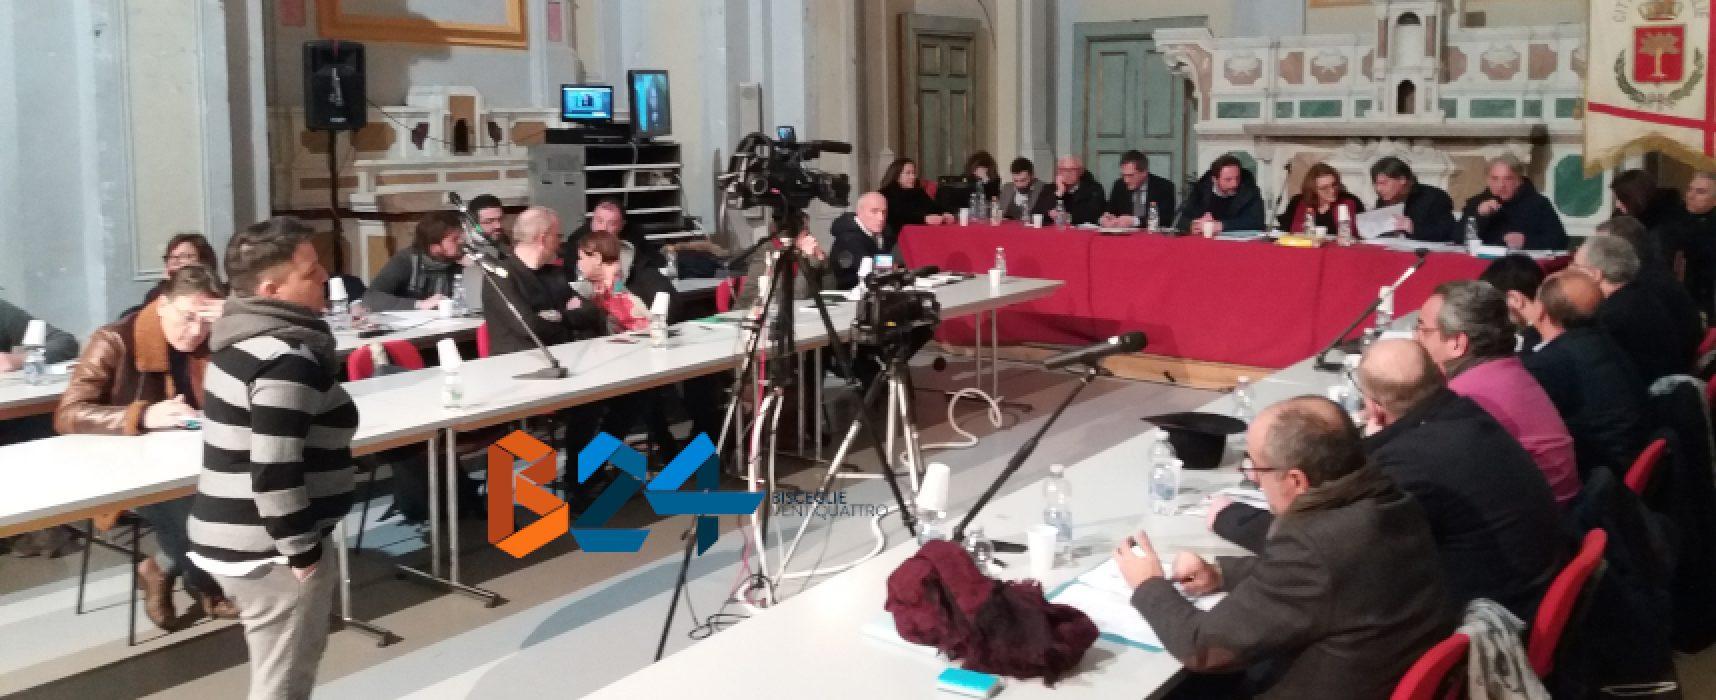 Consiglio comunale, nuova seduta, tra i punti di discussione Dup, Tari, Imu, Tasi e Irpef